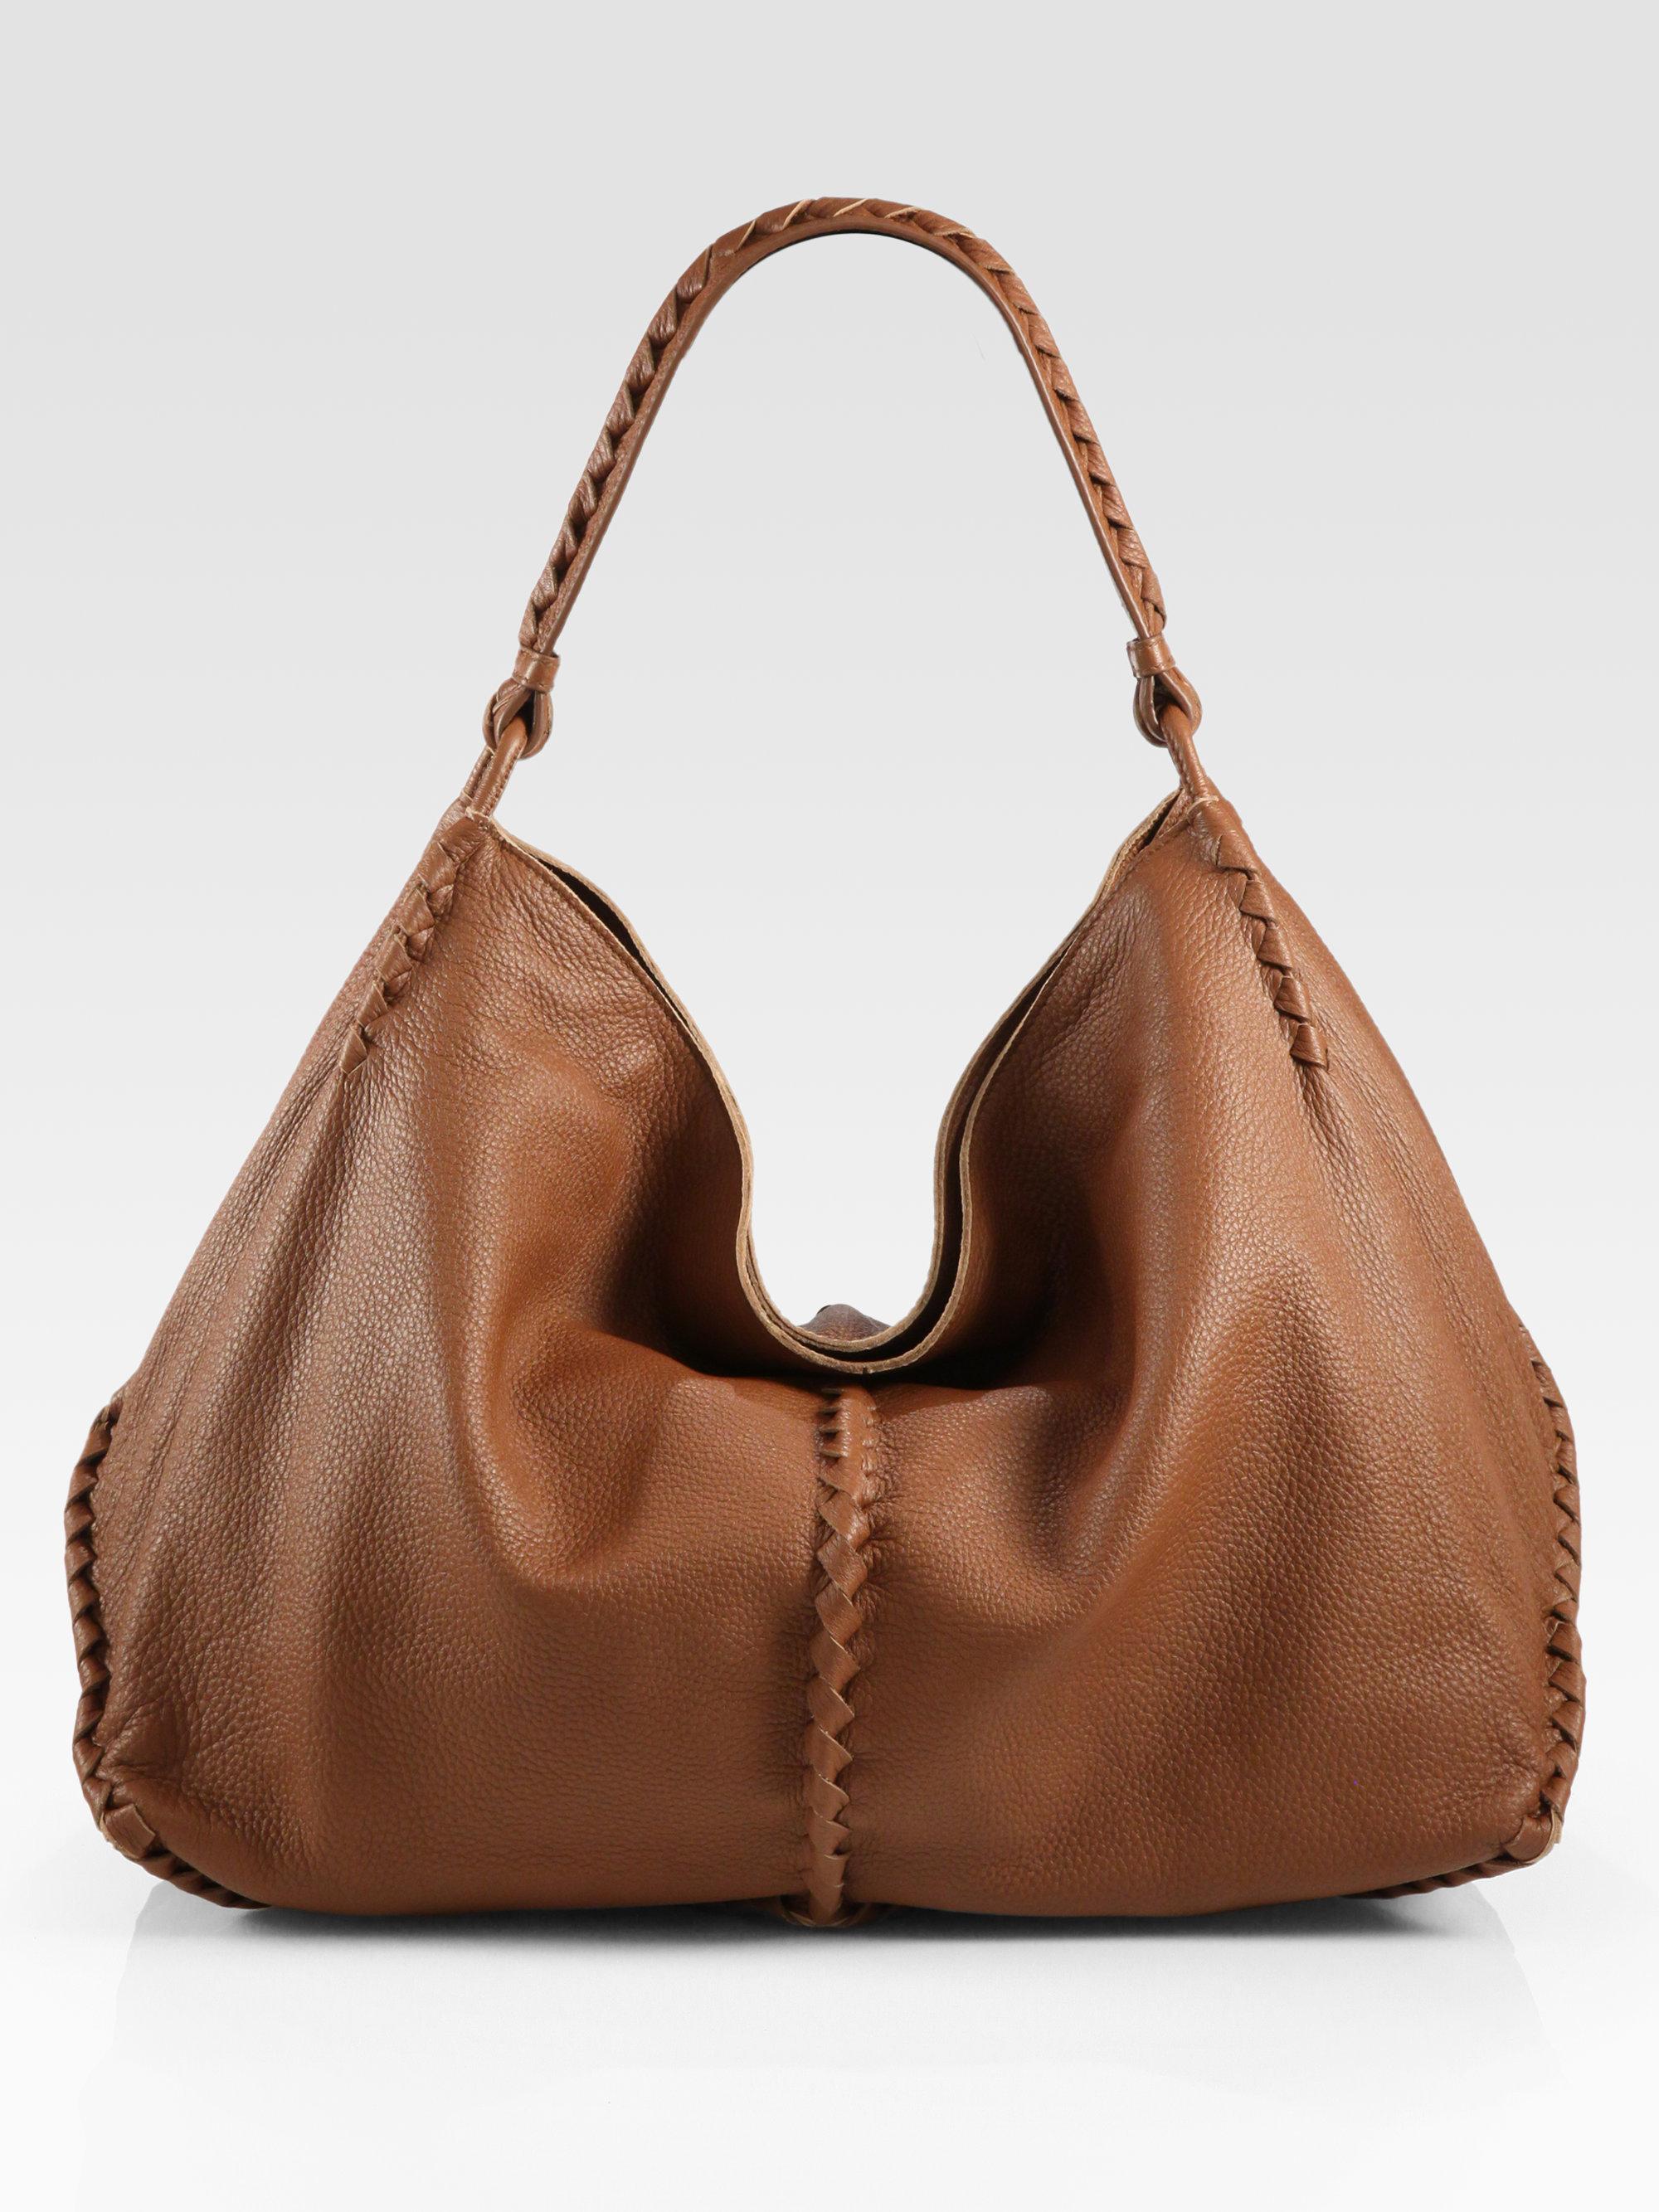 4120472cfe Bottega Veneta Cervo Large Hobo Bag in Brown - Lyst